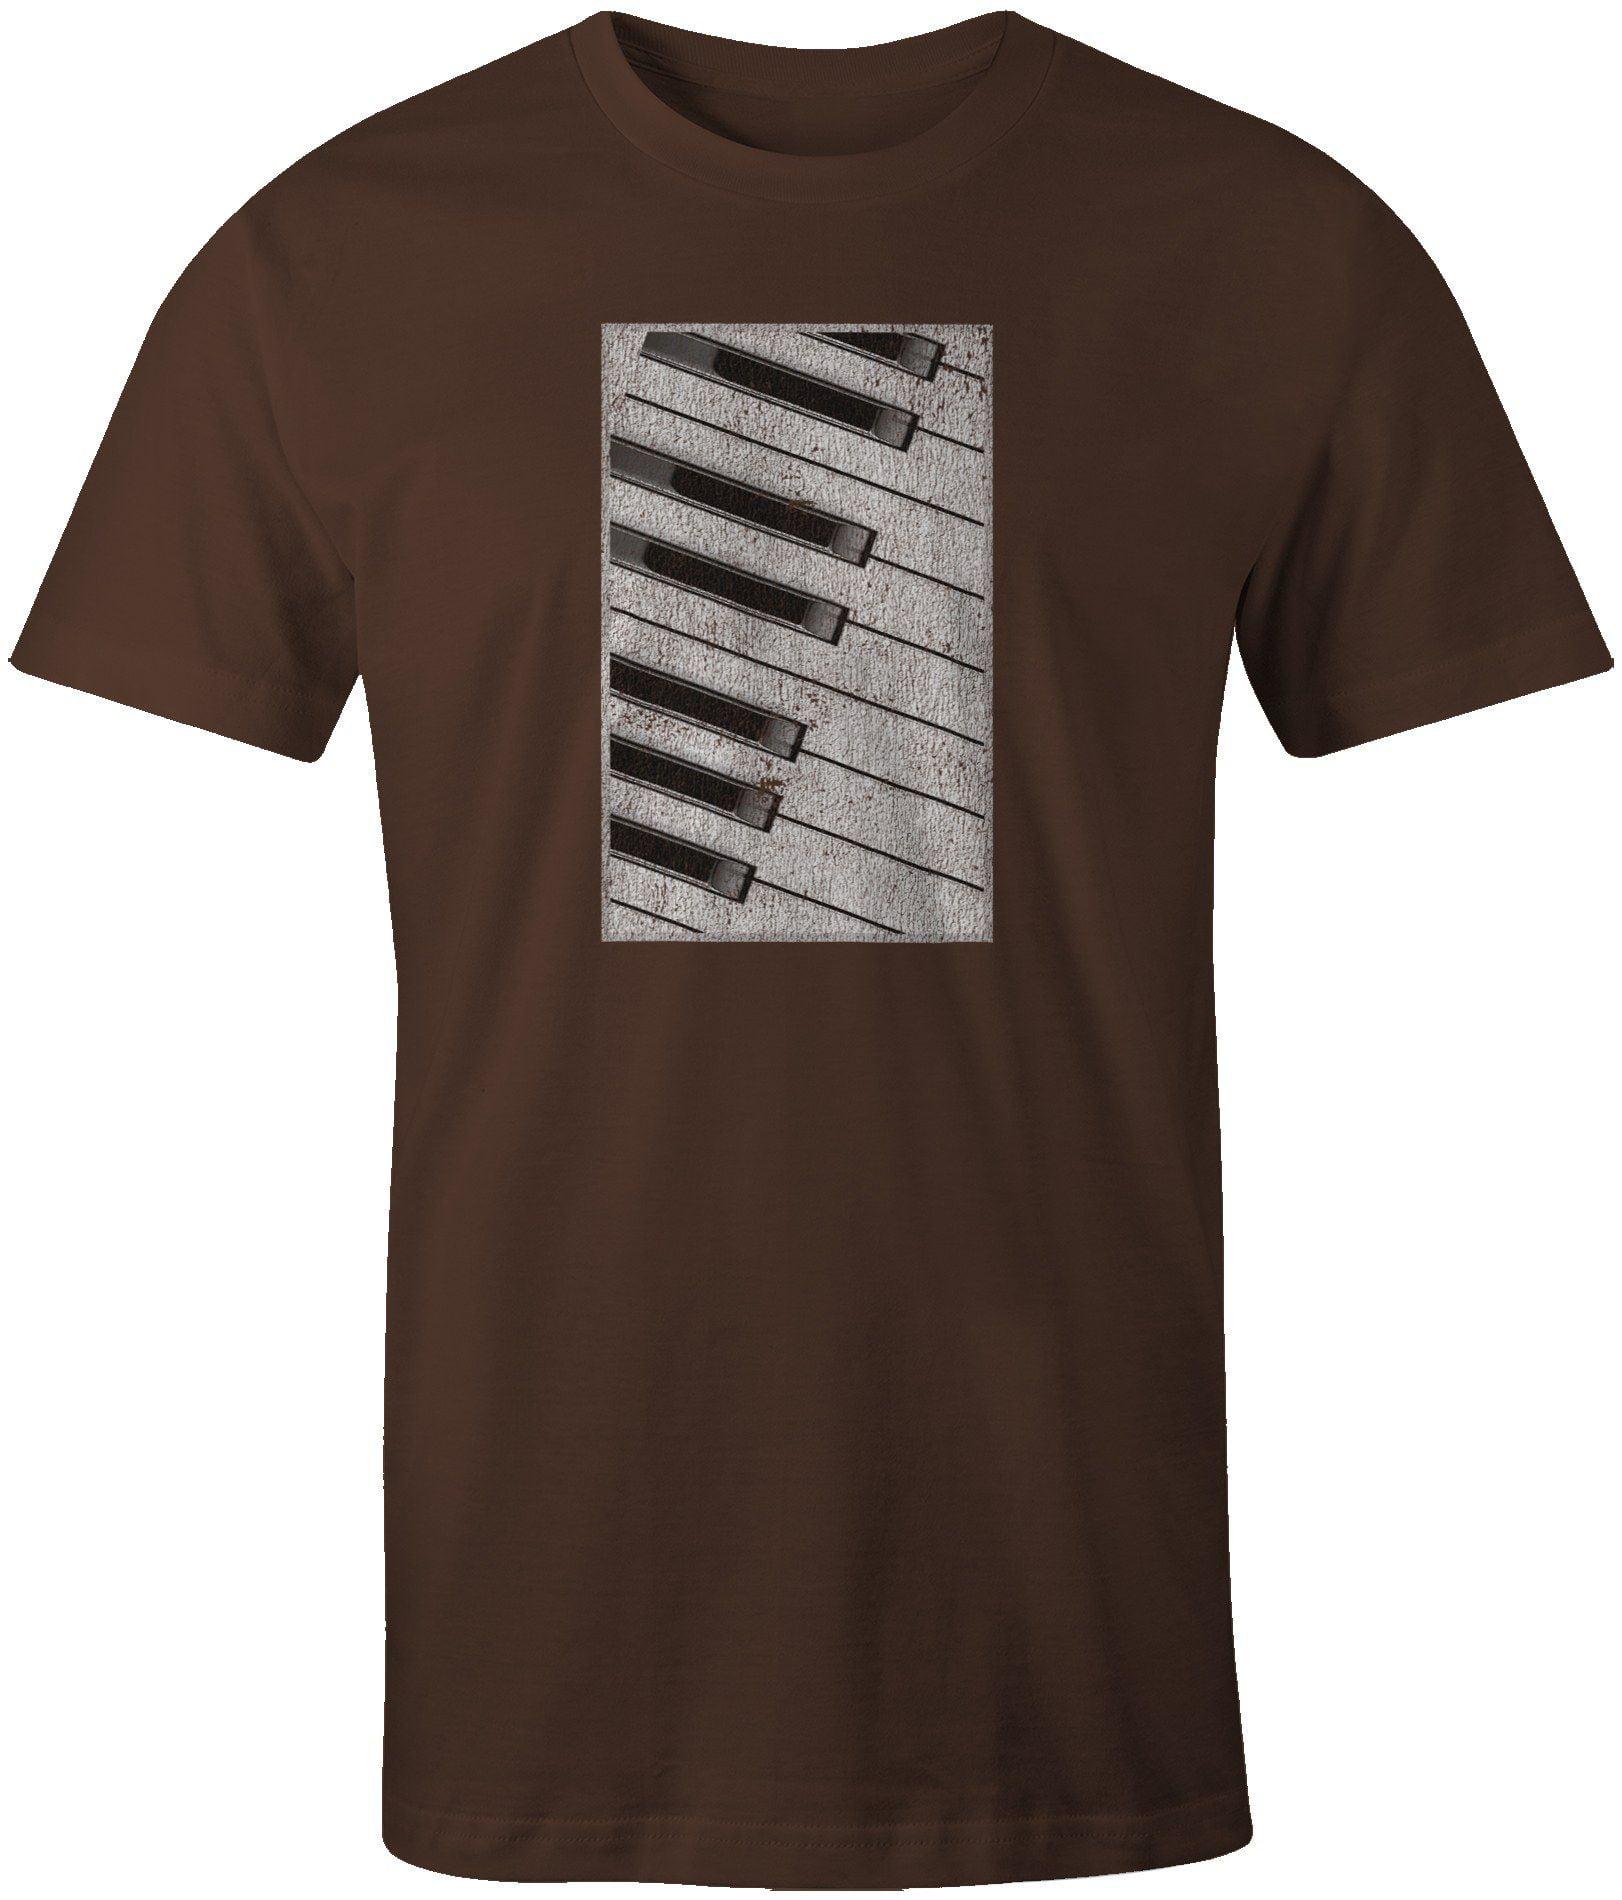 Cat And Piano Hanes Tagless Tee T-Shirt